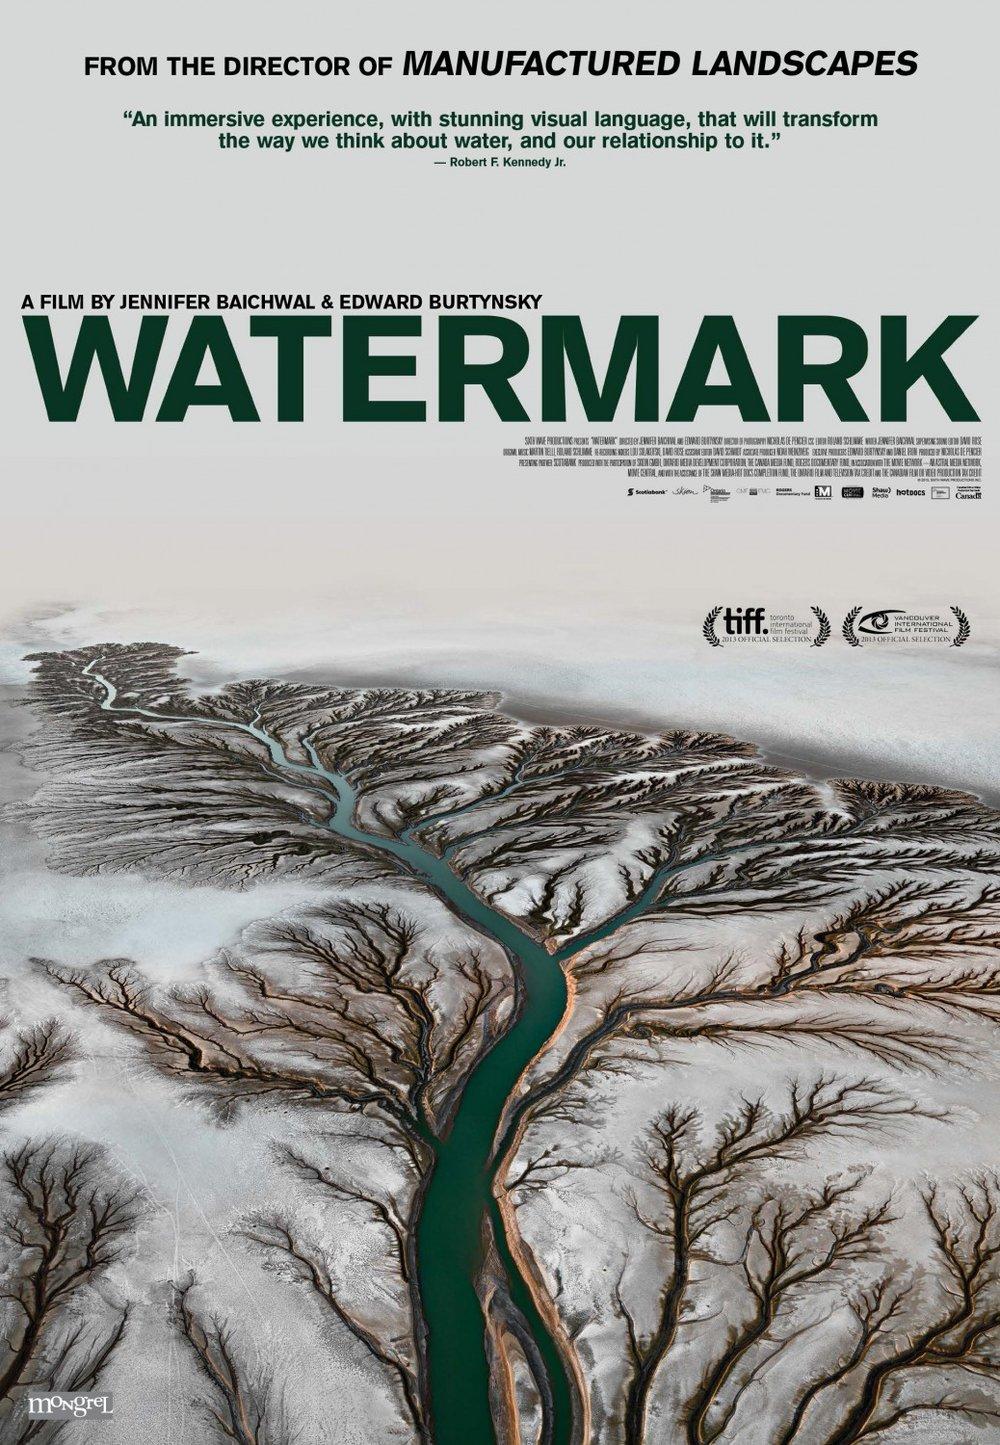 watermark_xlg.jpg